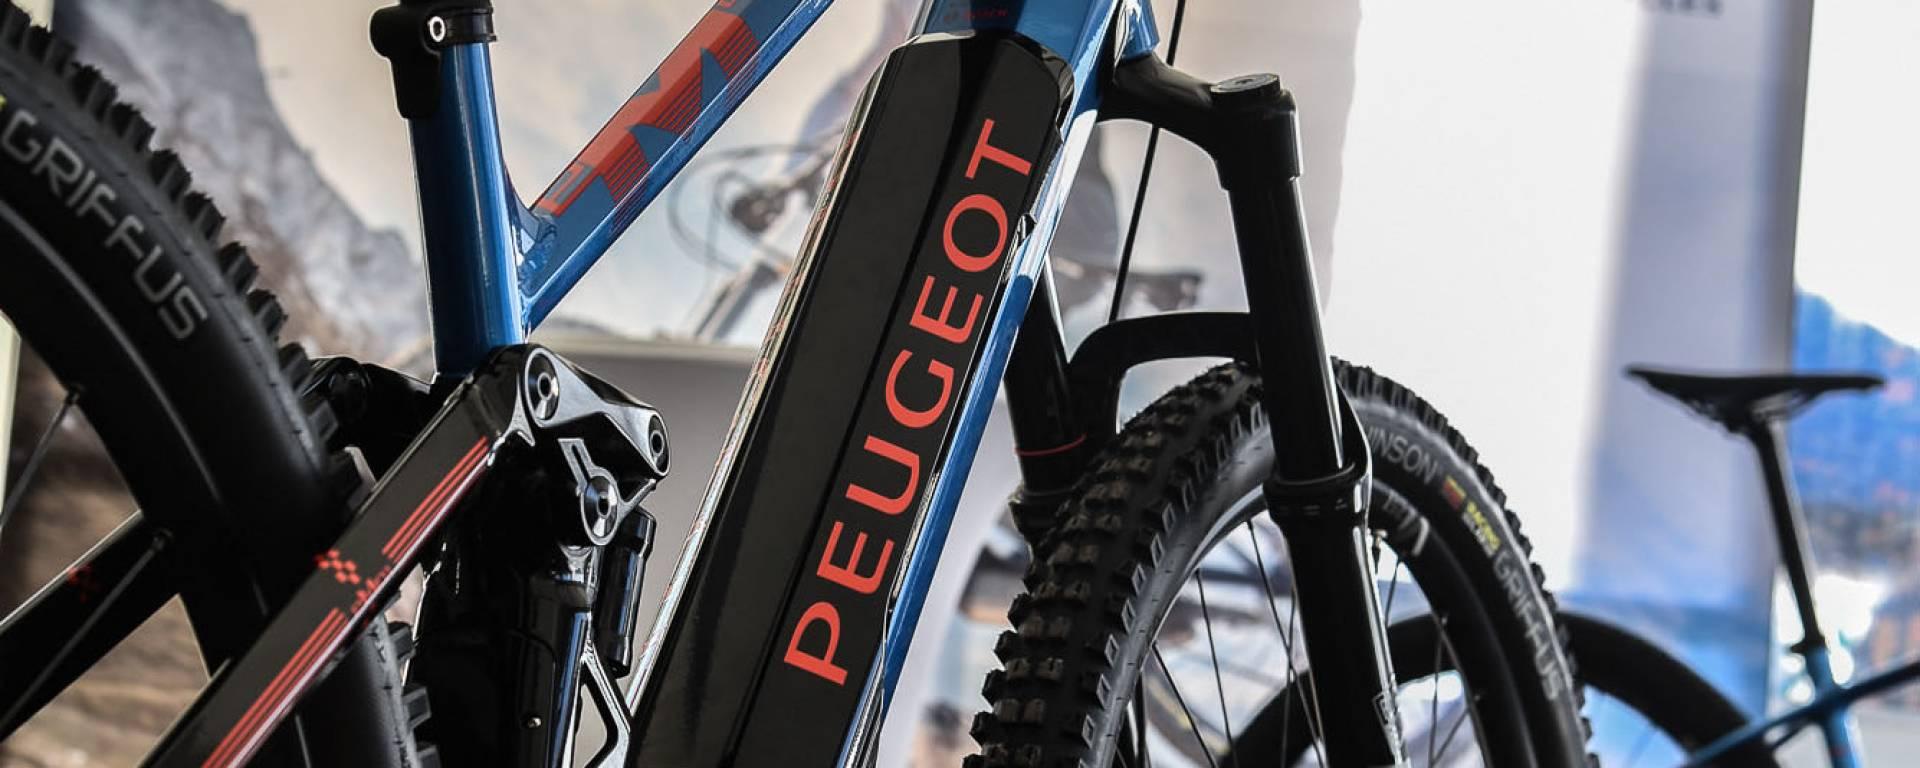 Peugeot: E-bike soluzione per la mobilità individuale